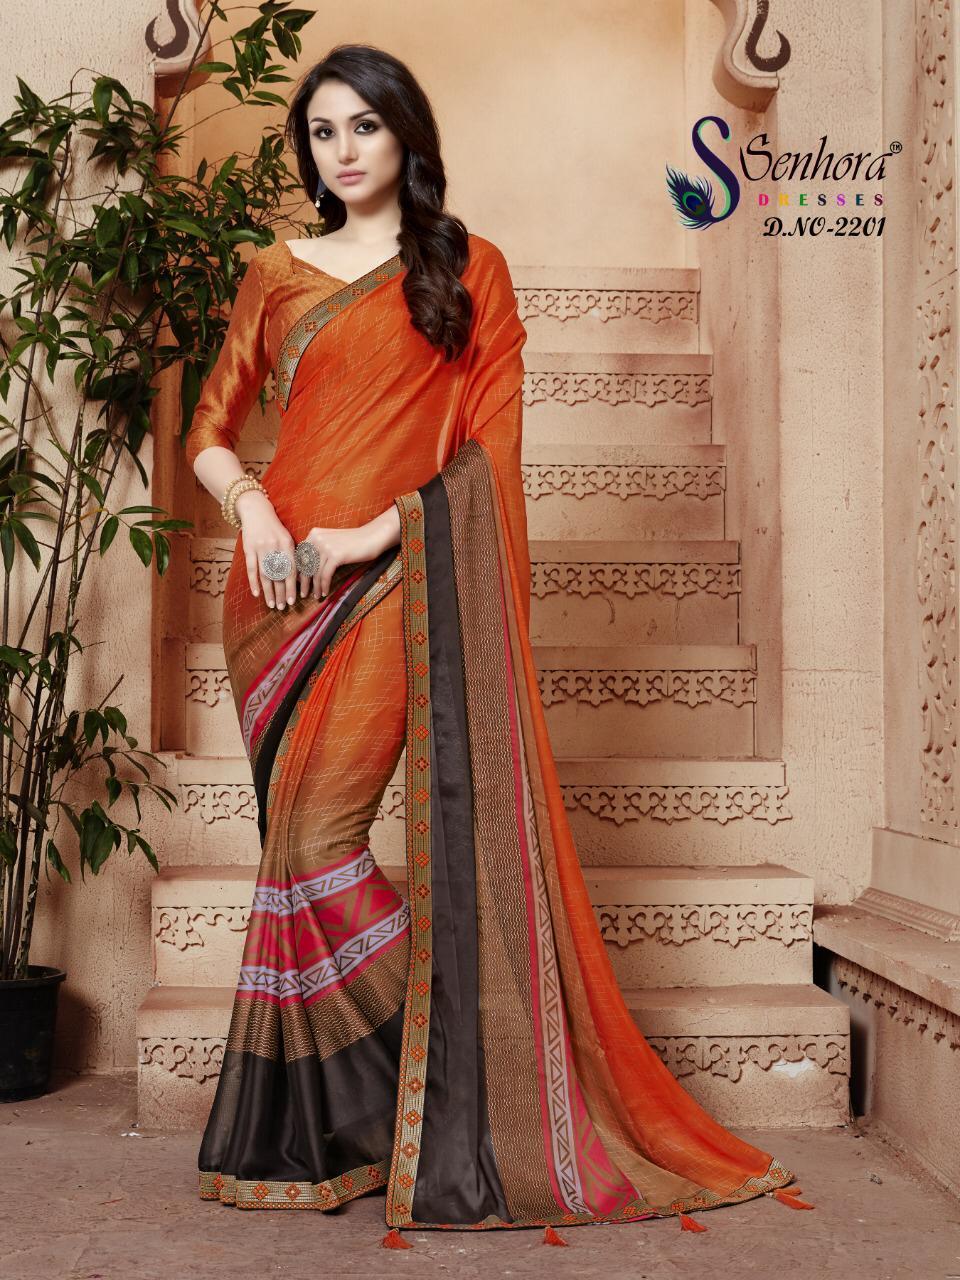 Senhora Dresses Leela Vol1 New Designer Saree Wholsale